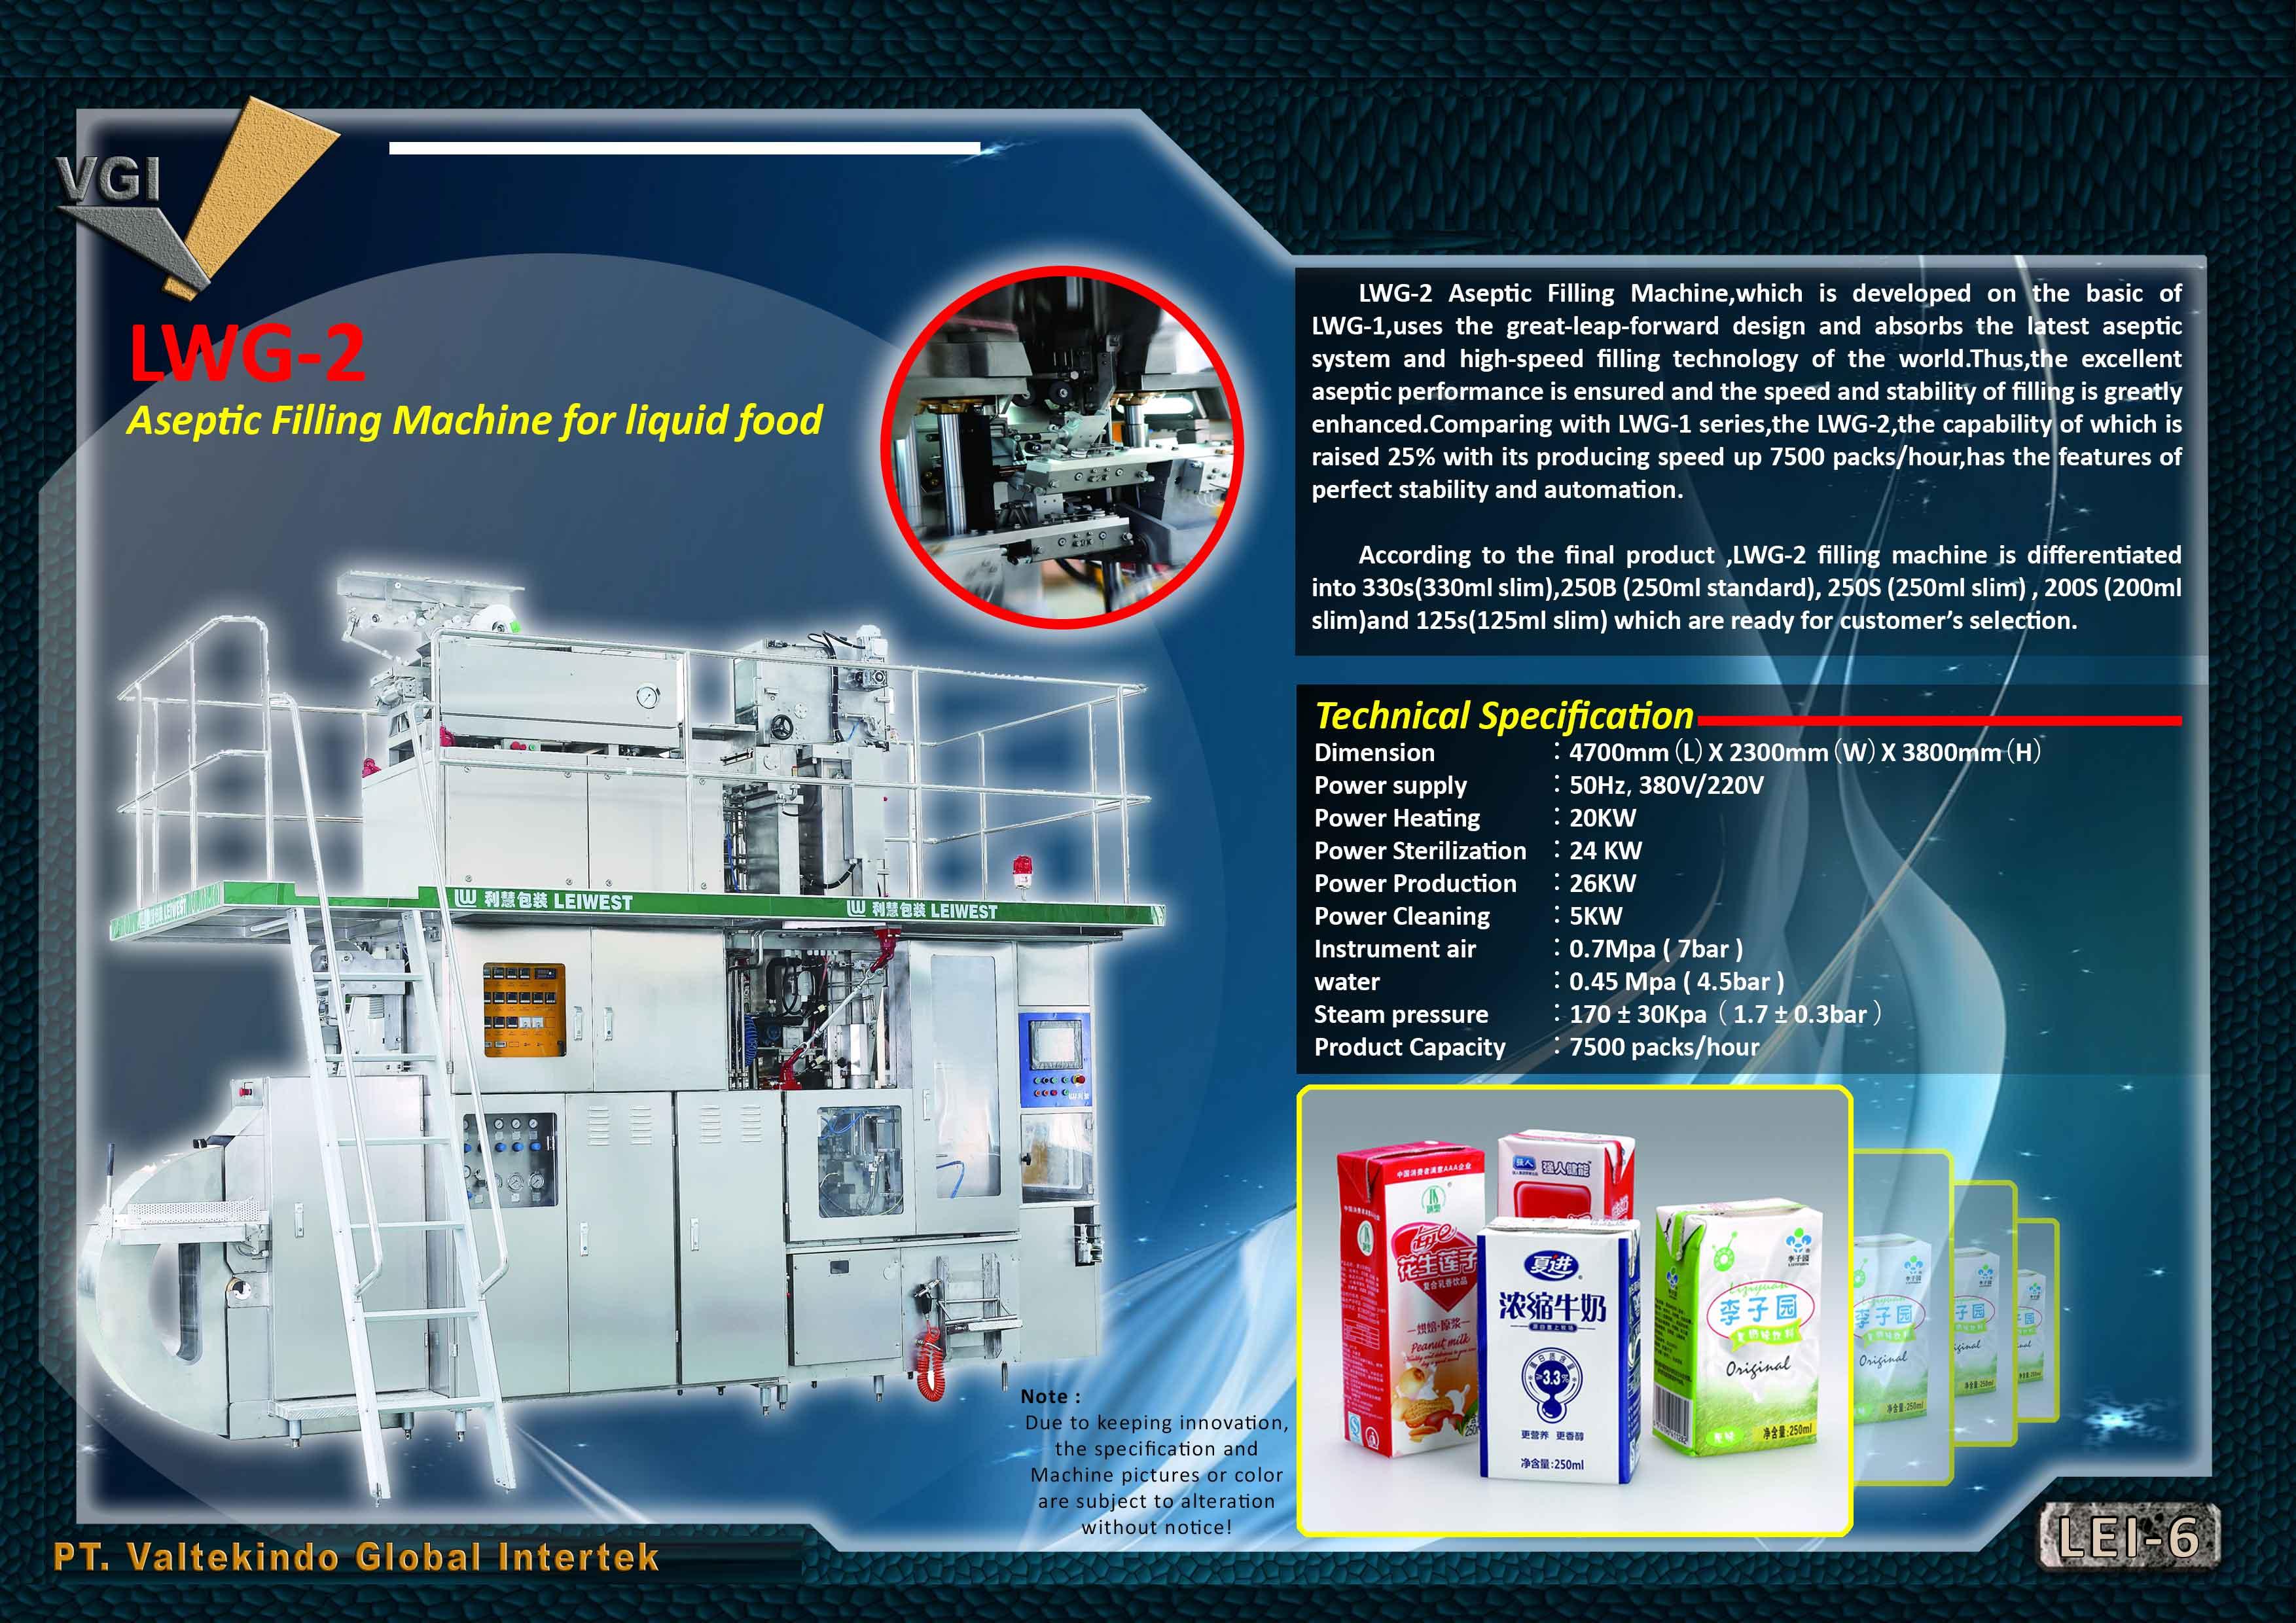 jual mesin, harga mesin, distributor mesin, jual mesin karet, daur ulang plastik Aseptic Filling Machine Aseptic Filling Machine